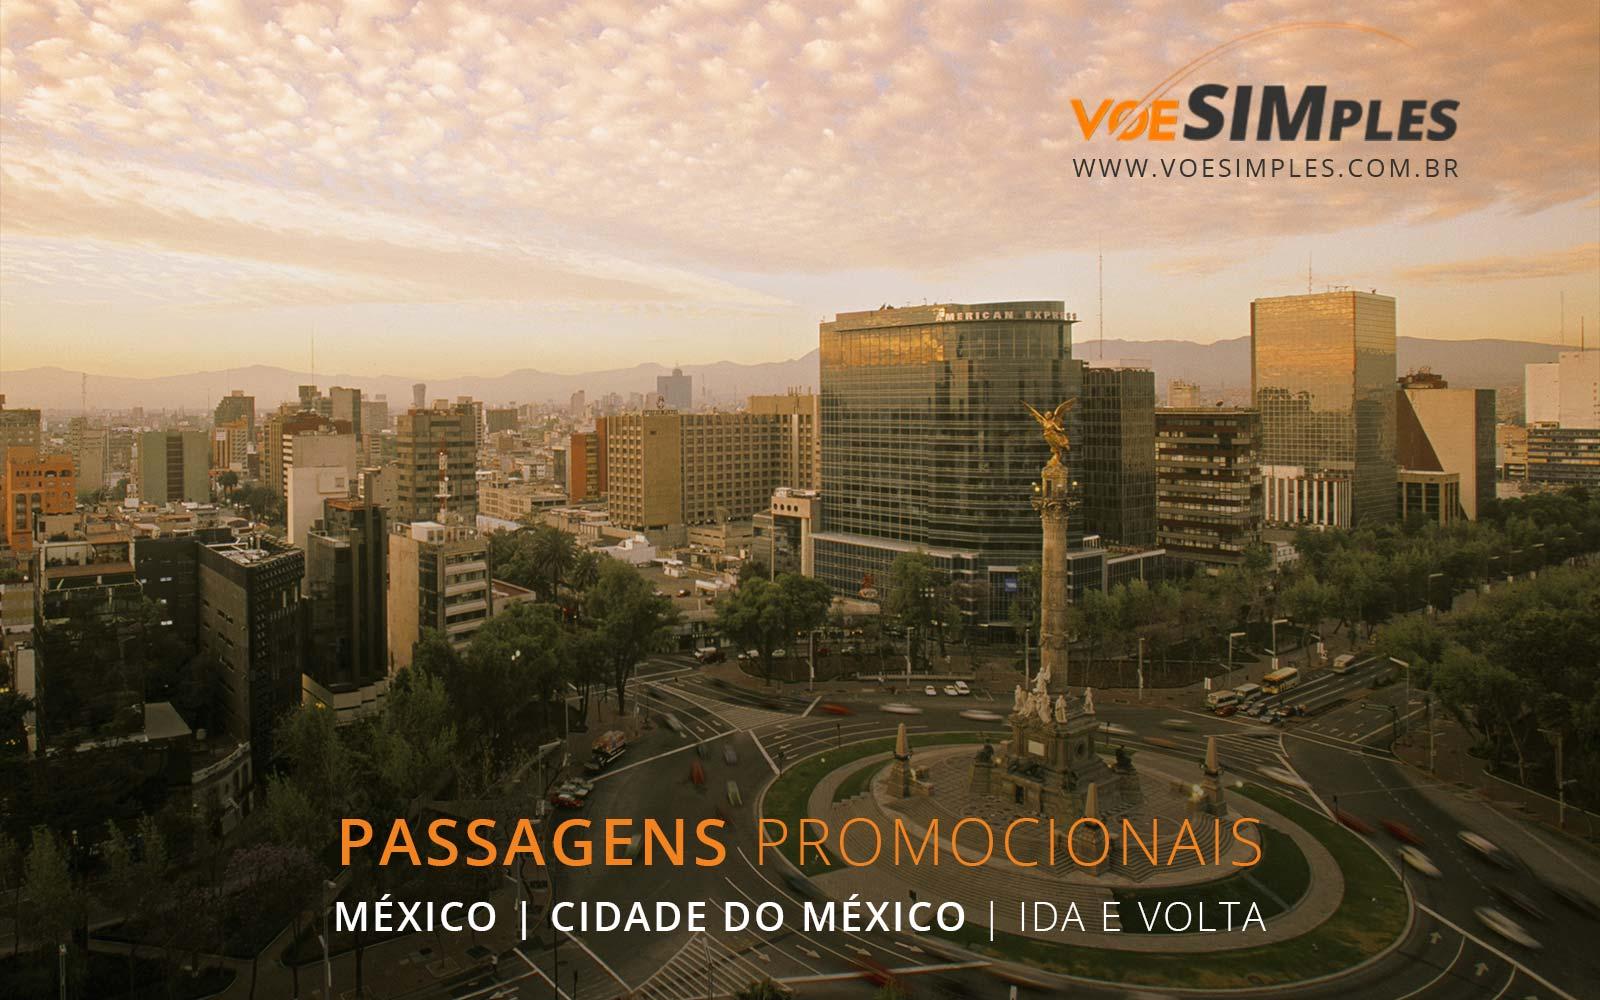 Passagens aéreas promocionais para a Cidade do México